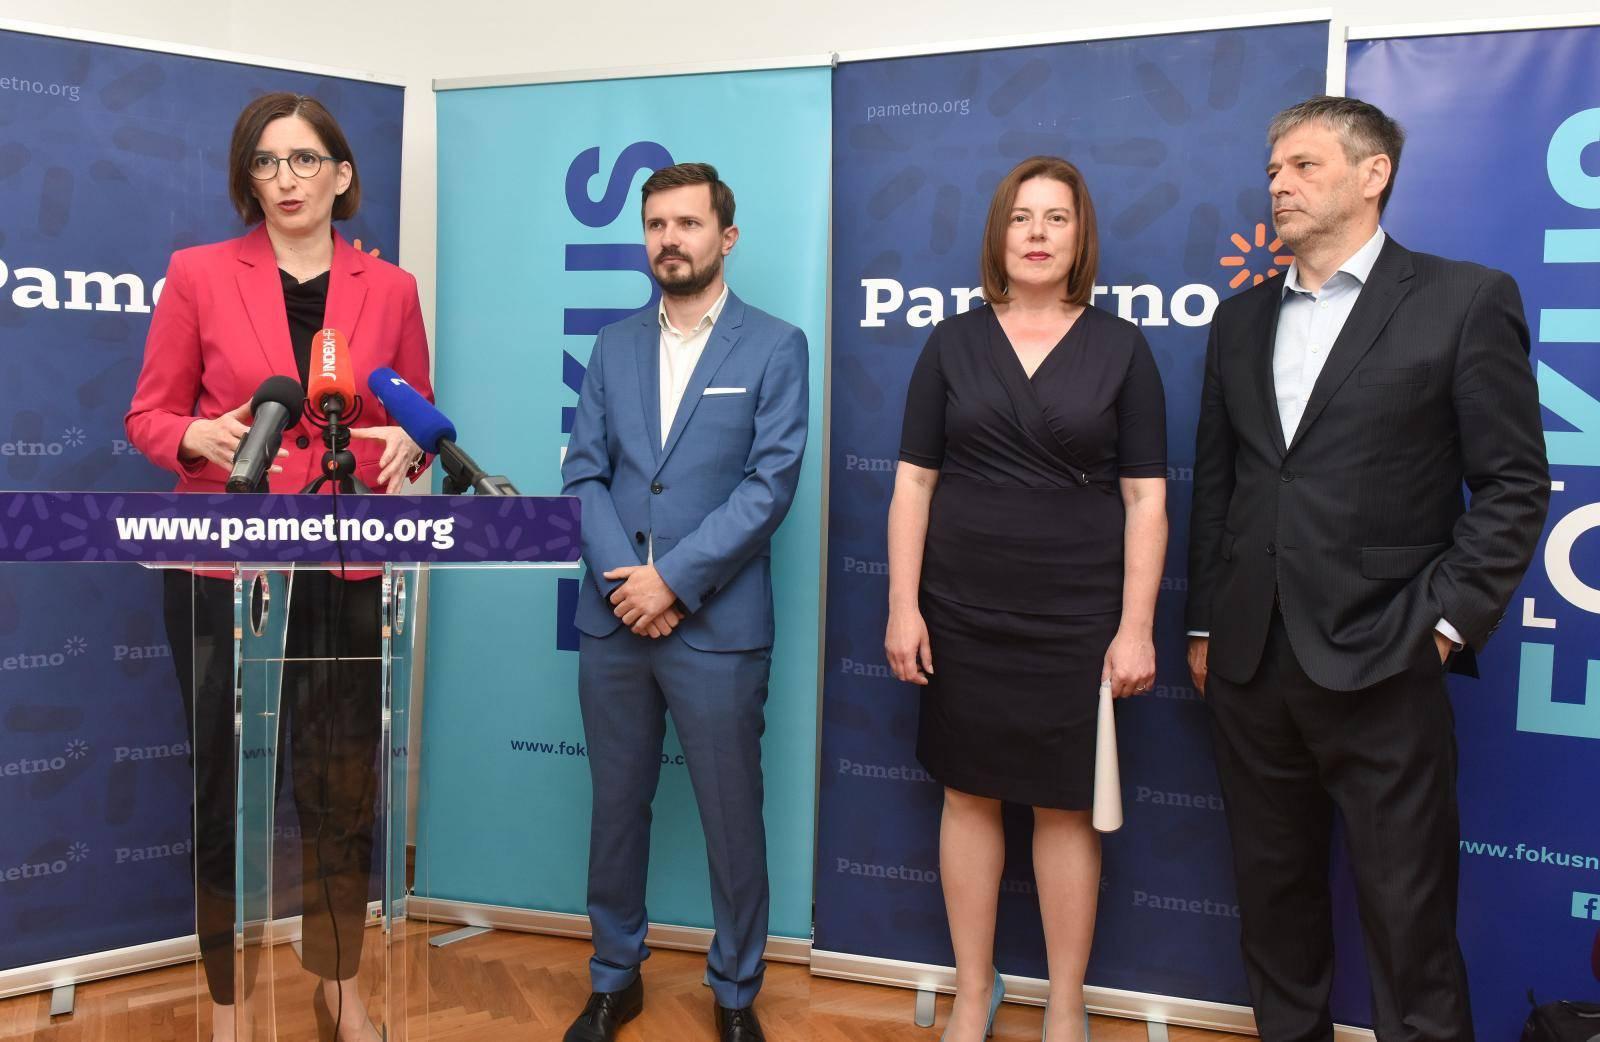 Zagreb: Stranke Pametno i FOKUS predstavile nove koalicijske partnere za predstojeće parlamentarne izbore